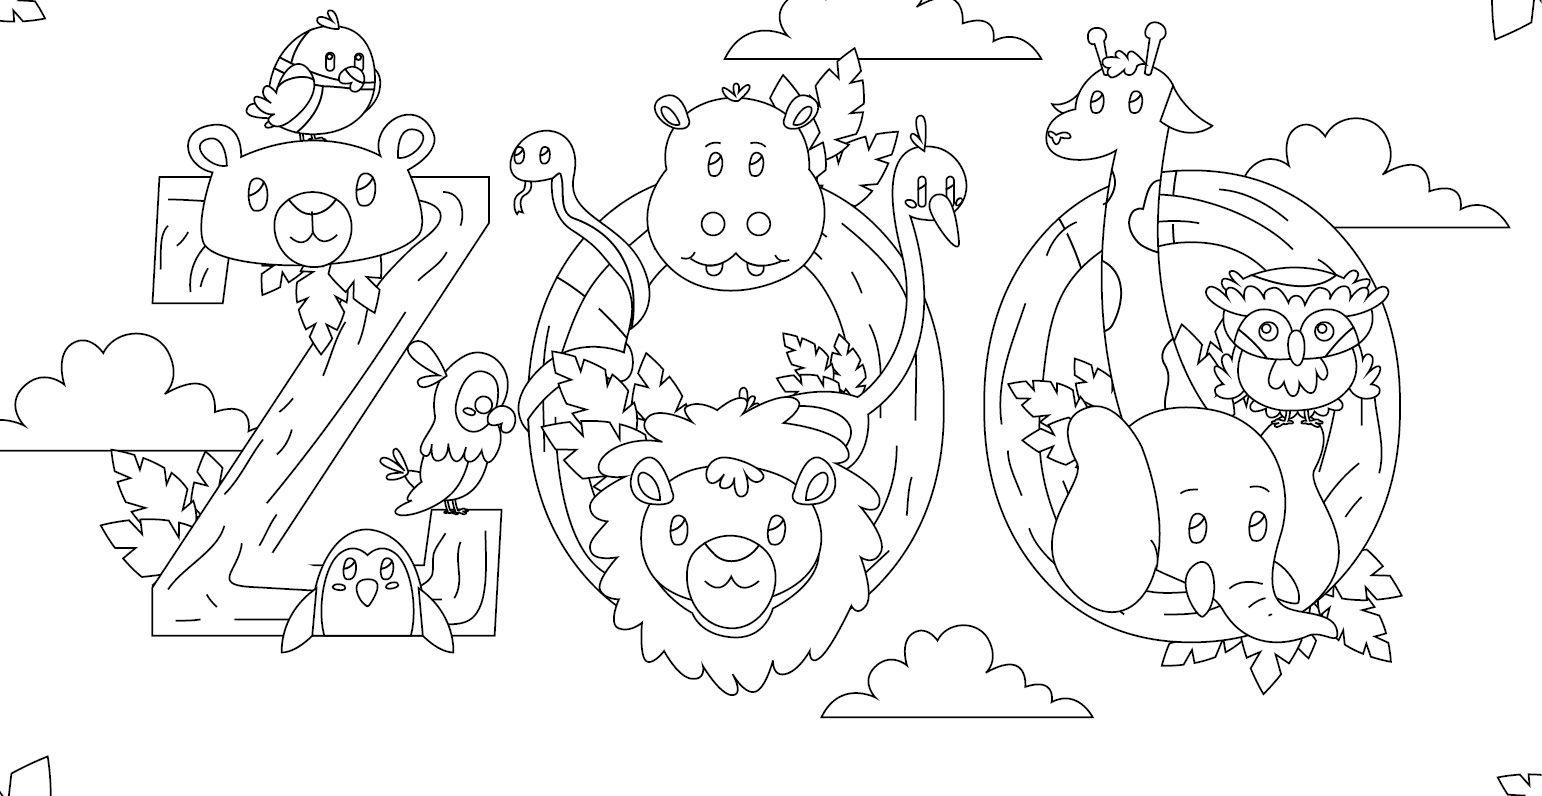 Coloriage Gratuit, Visitons Les Animaux Au Zoo | Coloriage tout Faire Coloriage Gratuit Sur Ordinateur